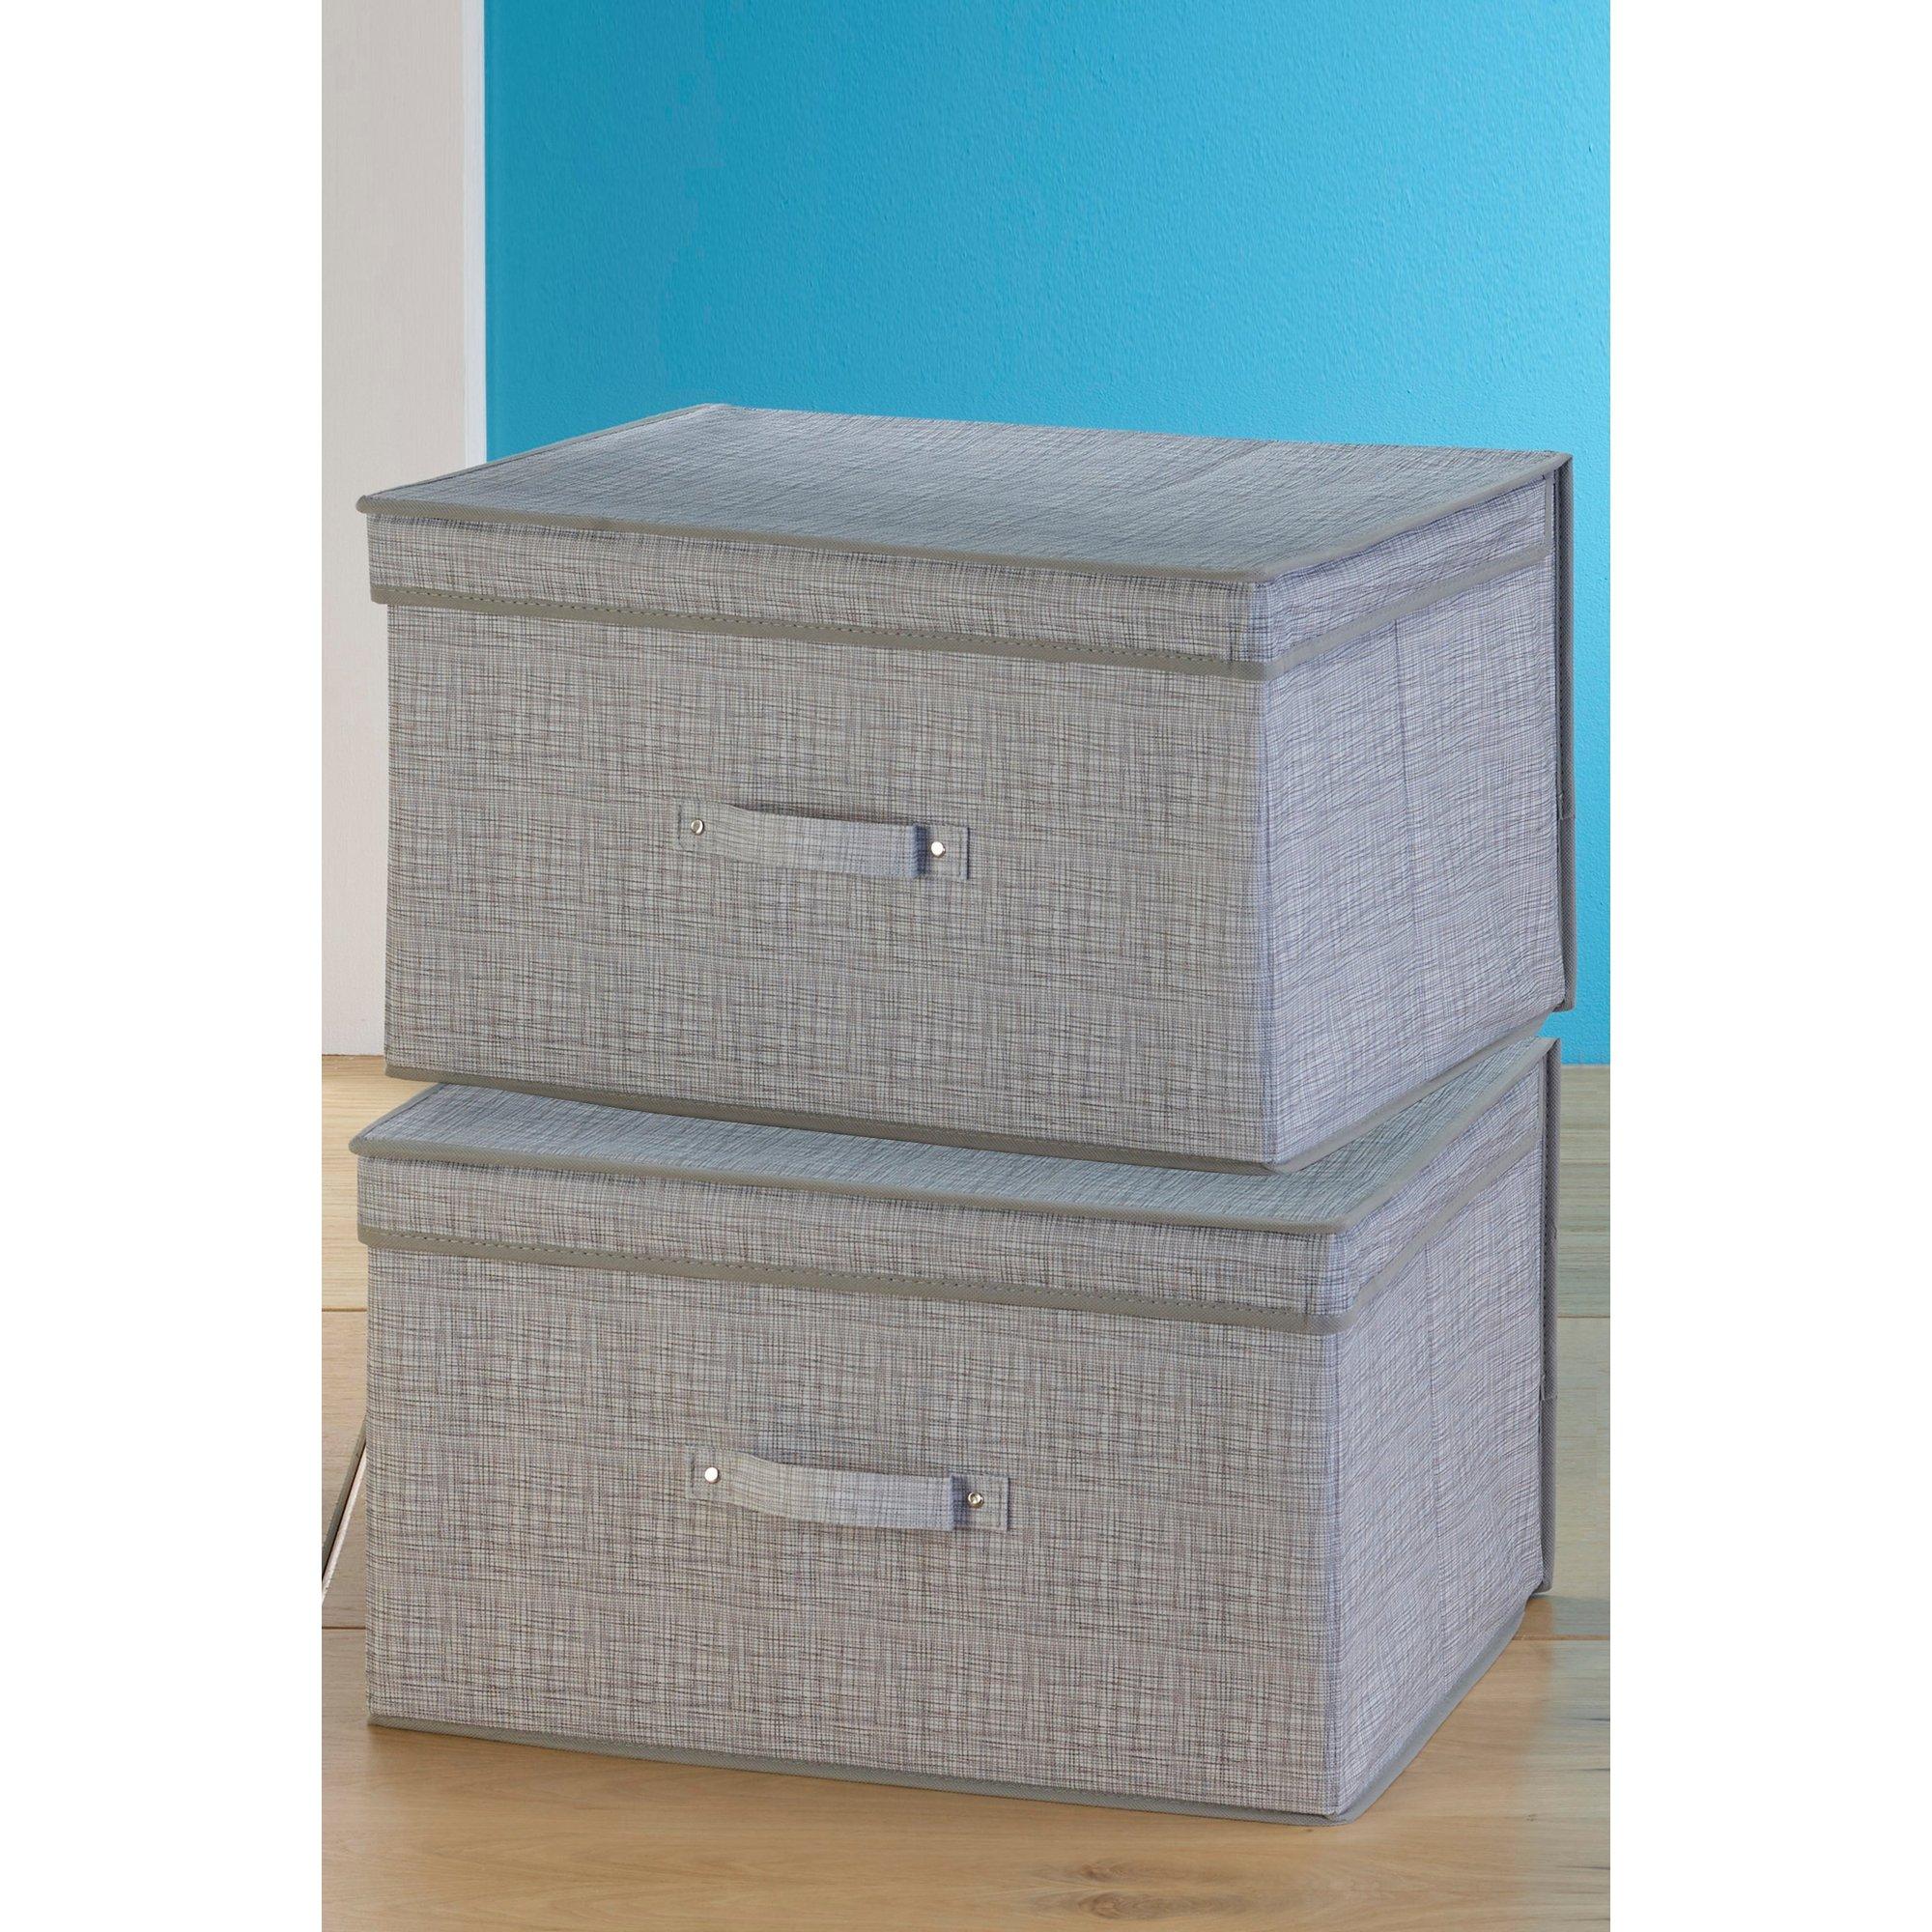 Image of 2 Large Storage Boxes